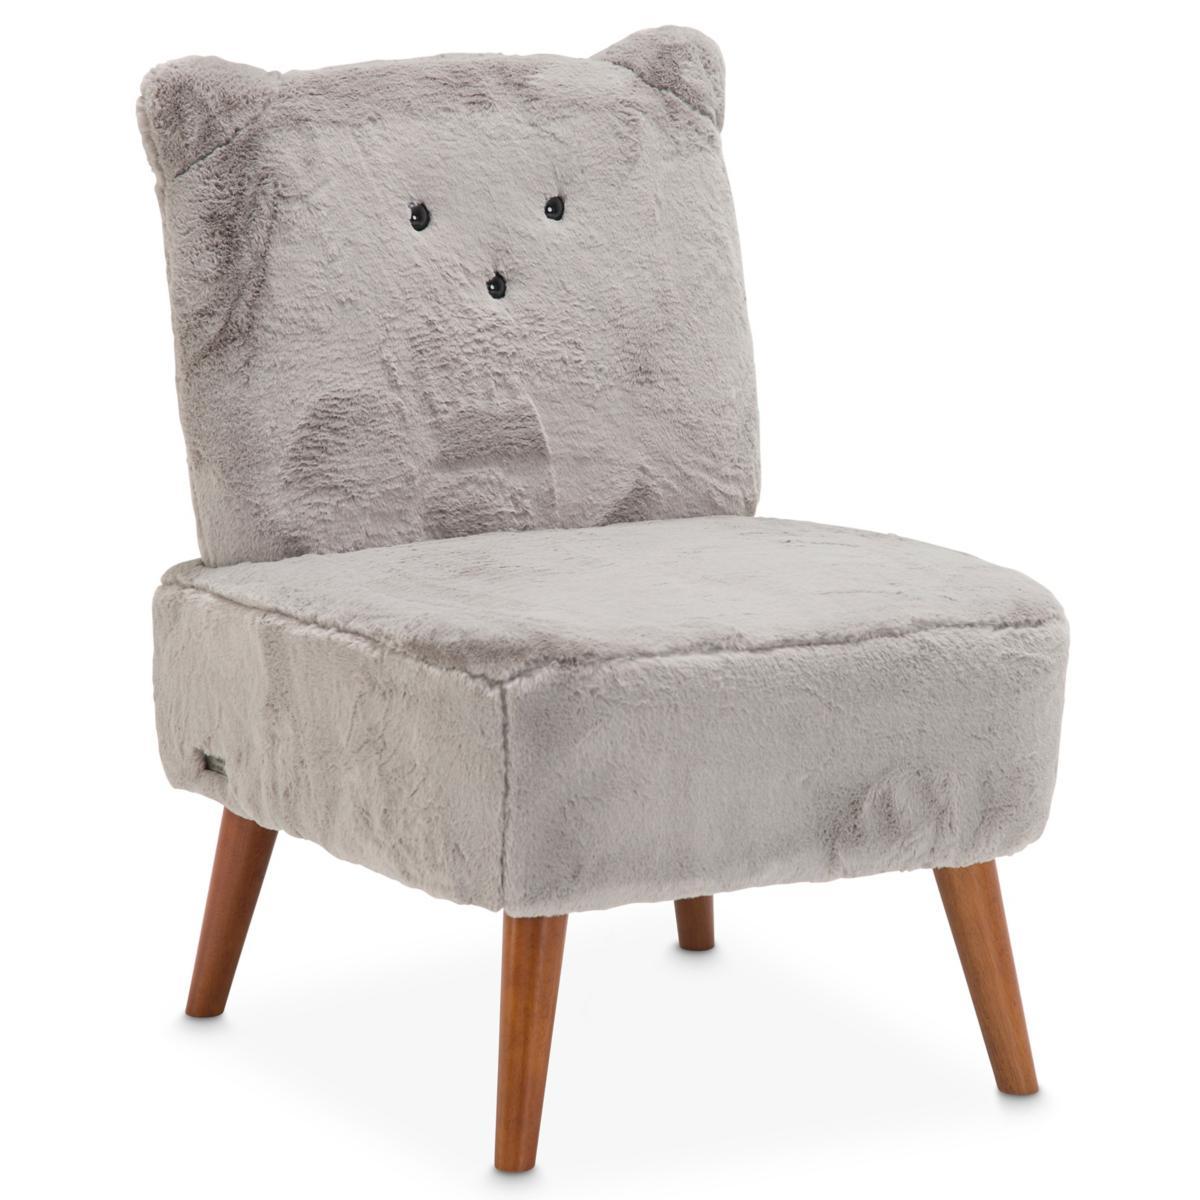 512944 Cuddly Kitten Chair - 18